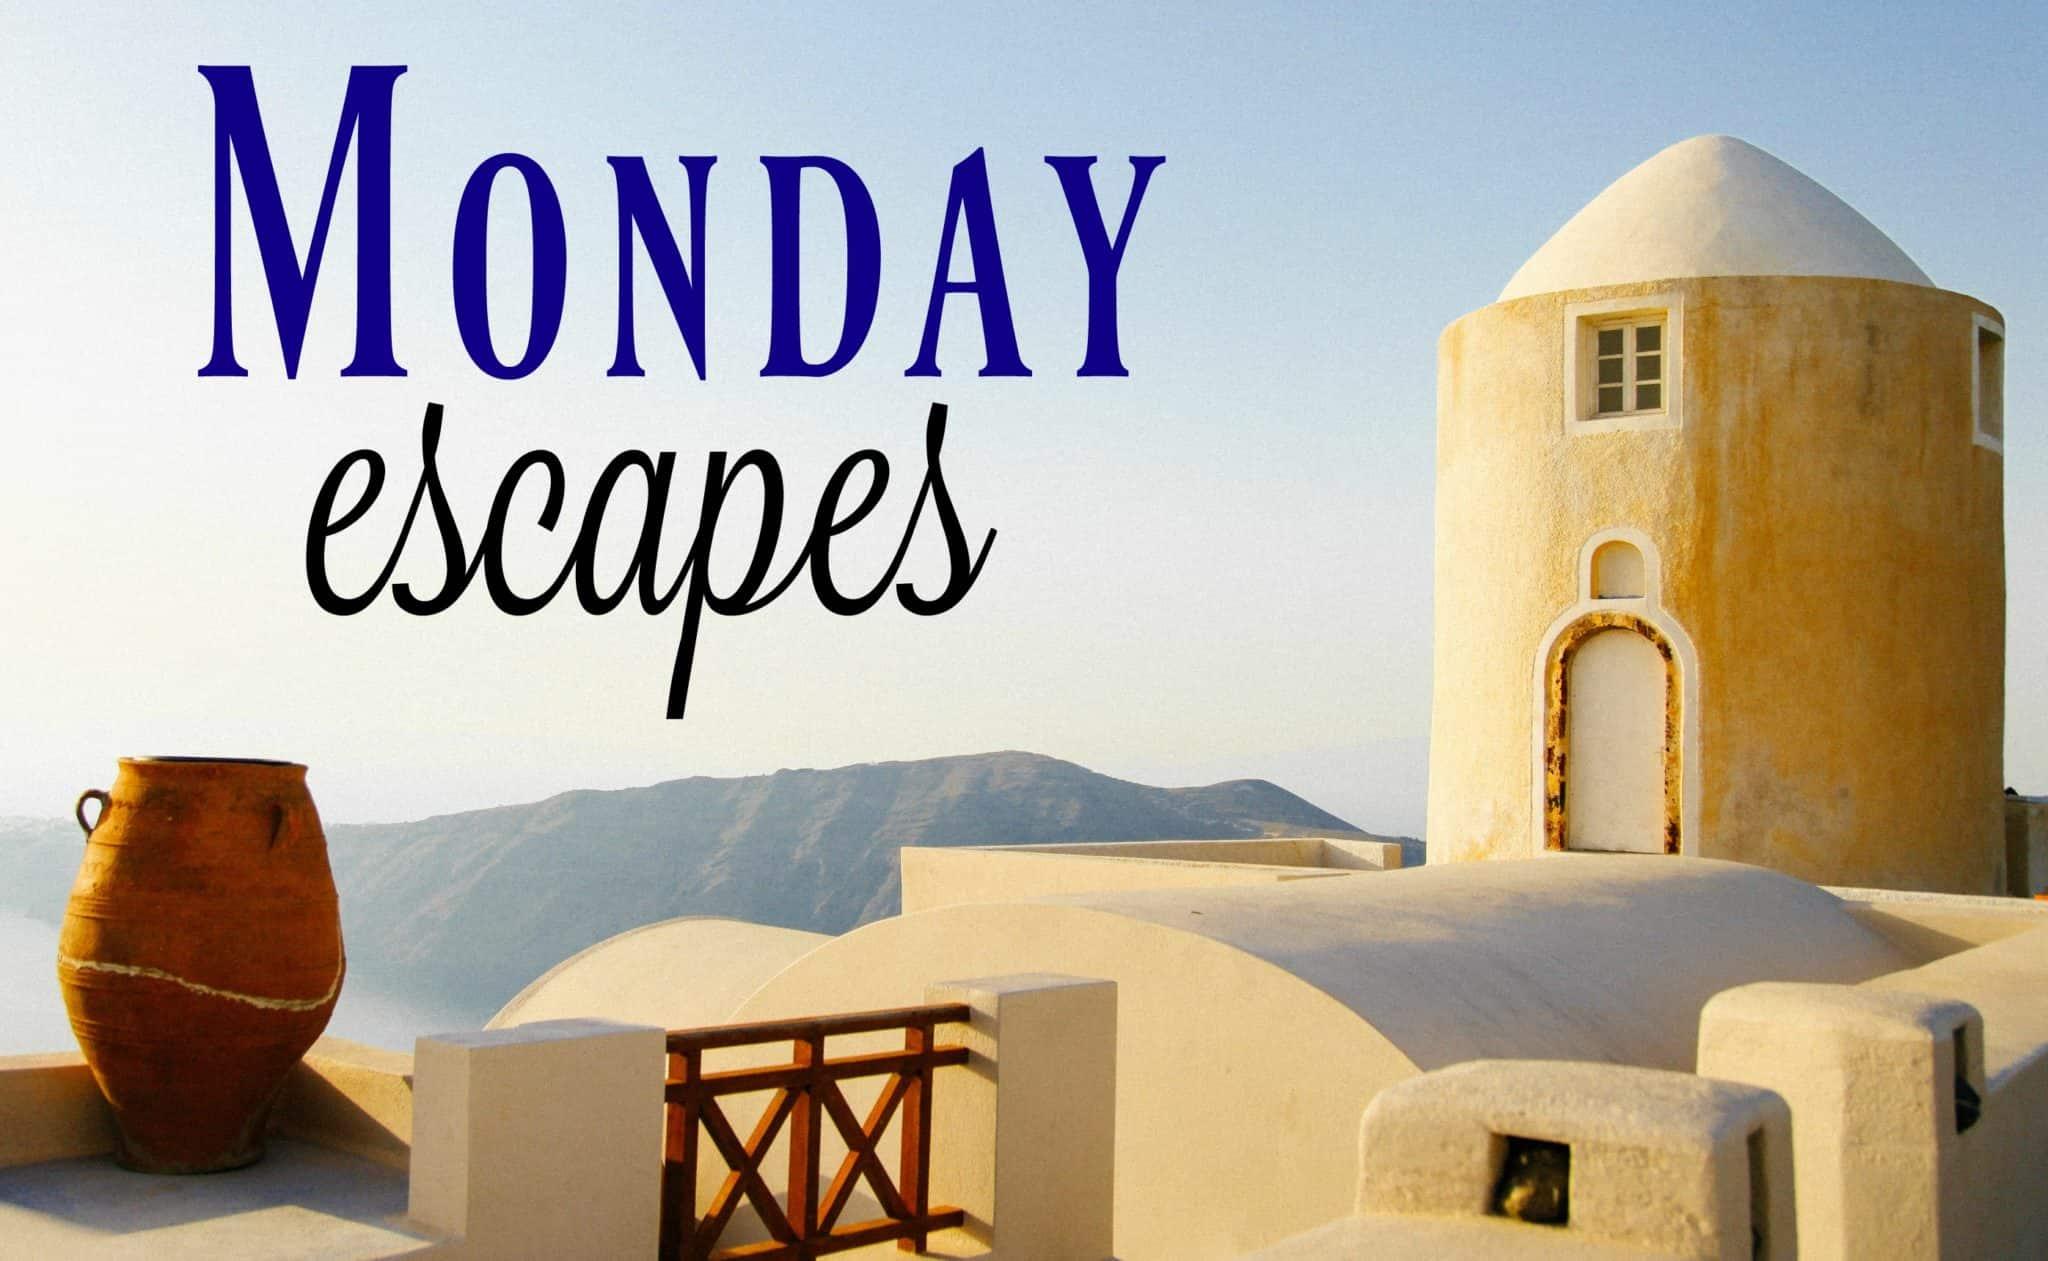 MondayEscapes#41